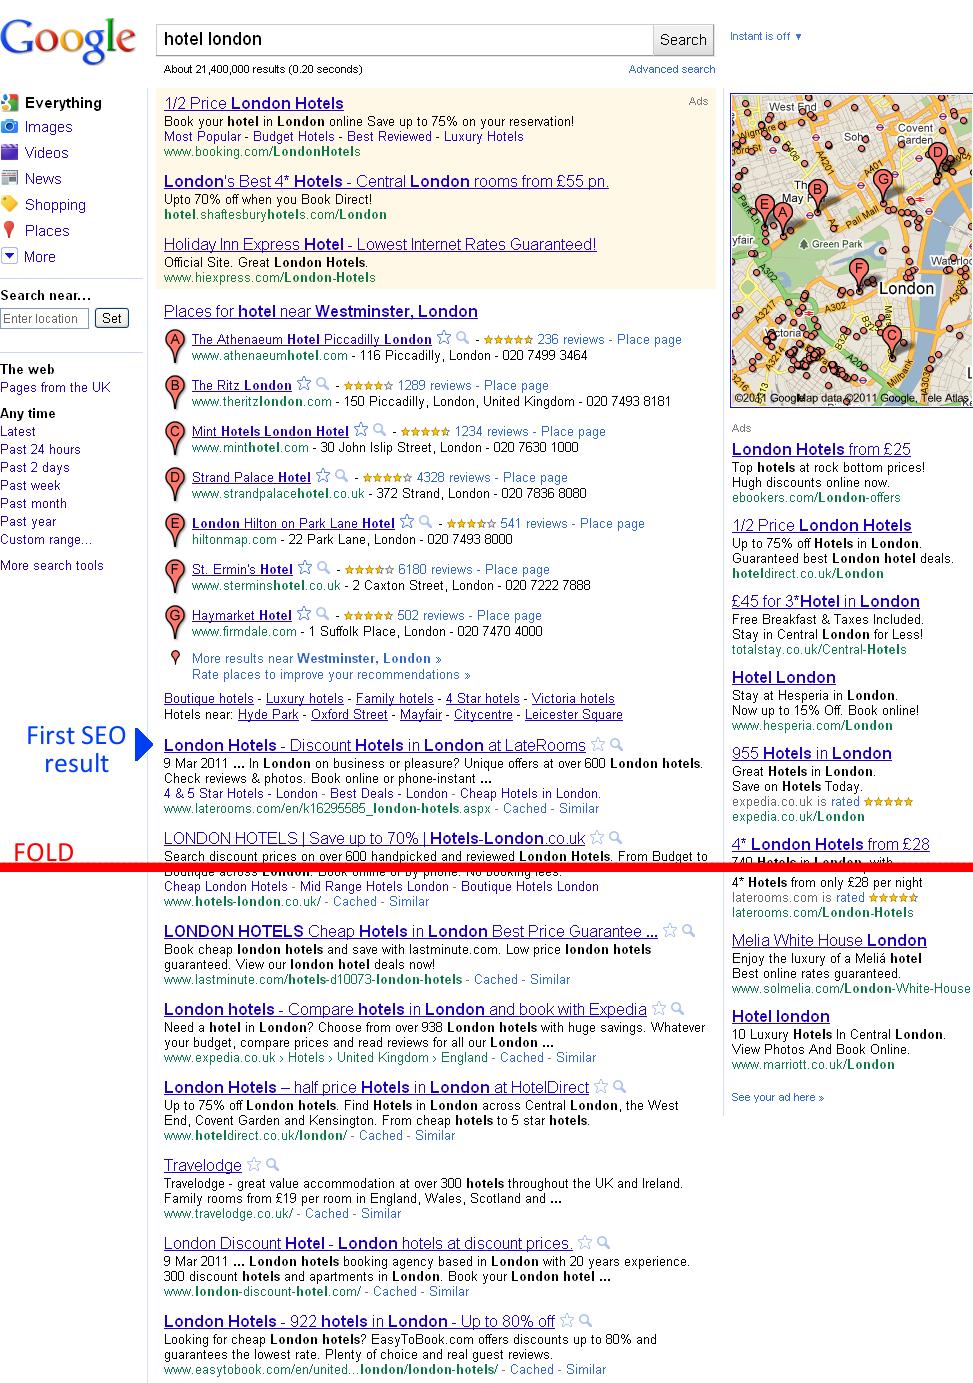 Google real estate allocation